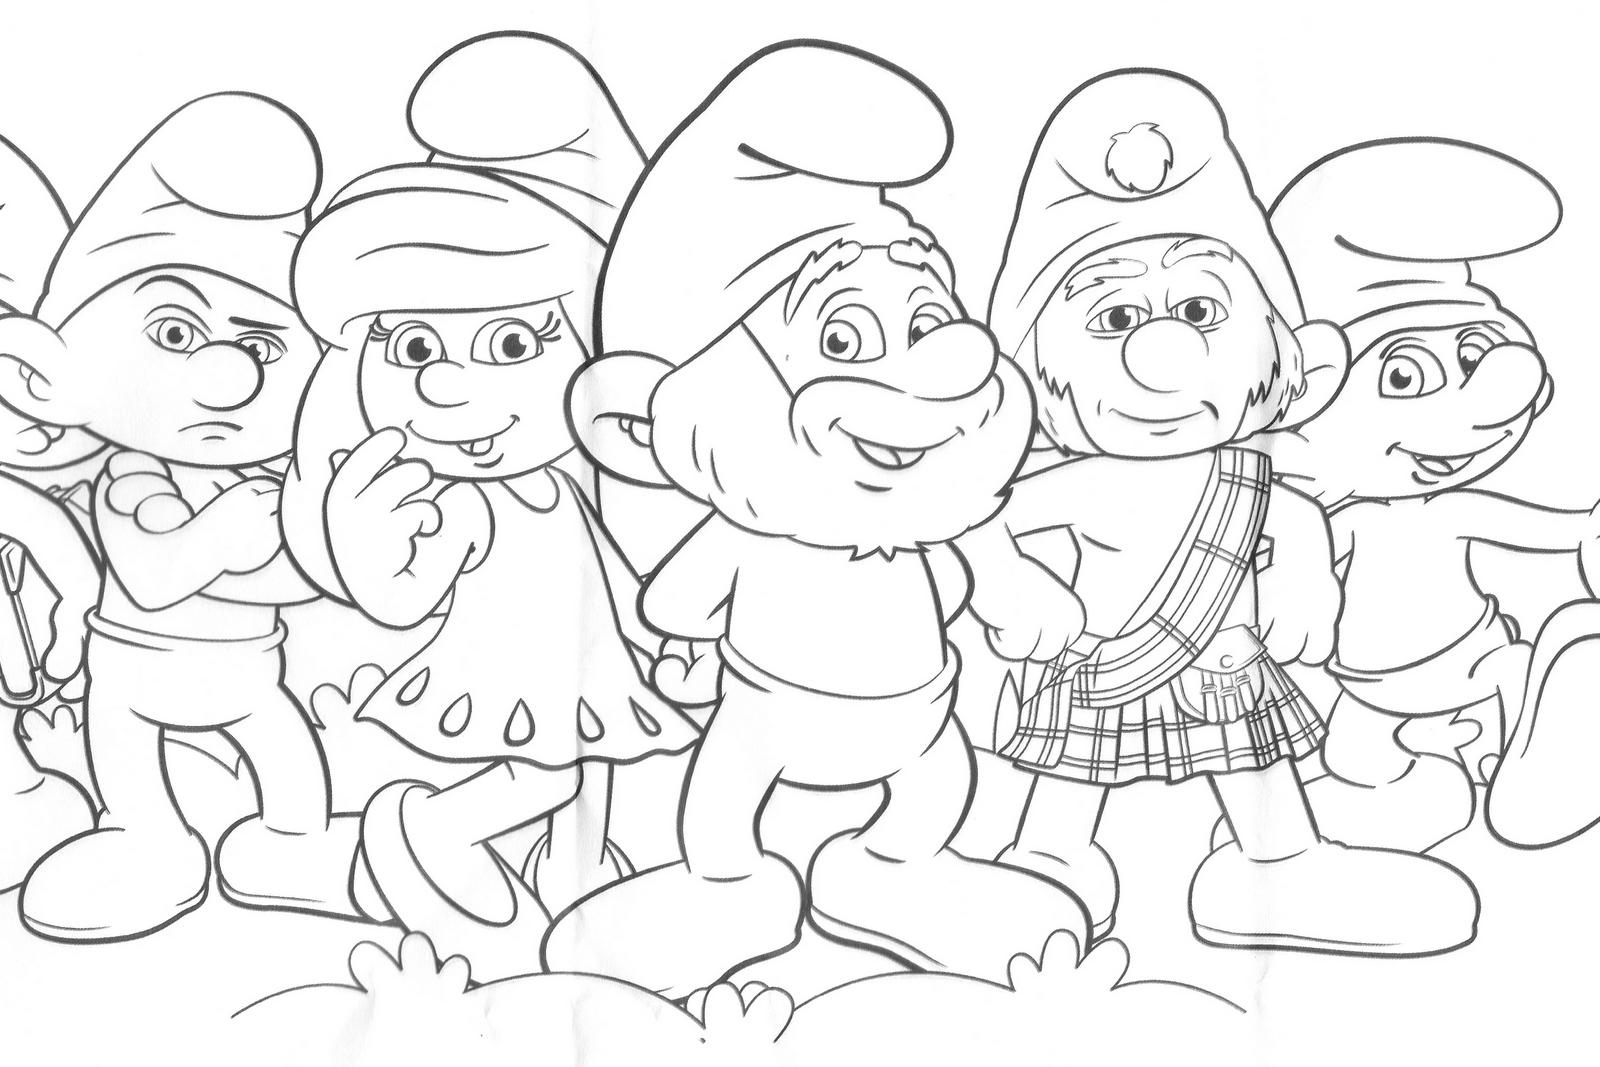 Desenhos Para Imprimir, Colorir E Pintar Dos Smurfs